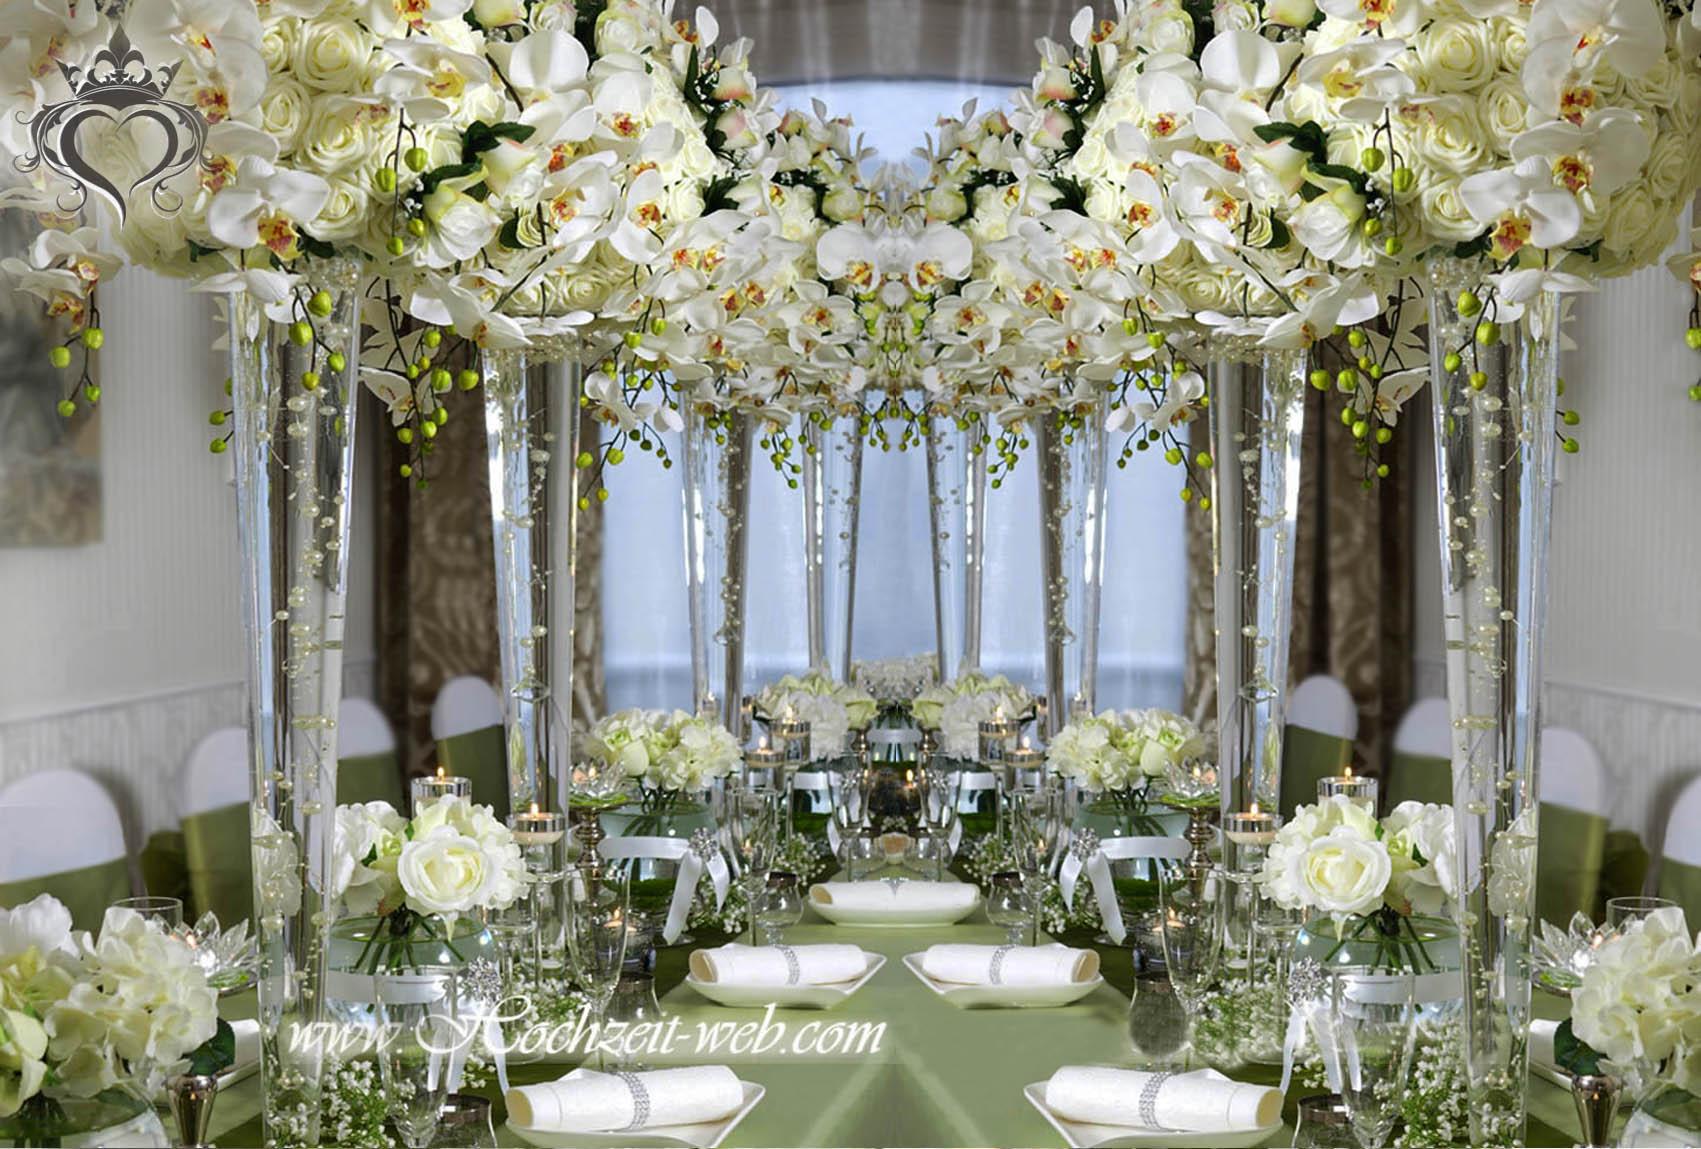 Tischdekoration f r perfekte hochzeit - Orchideen deko ...